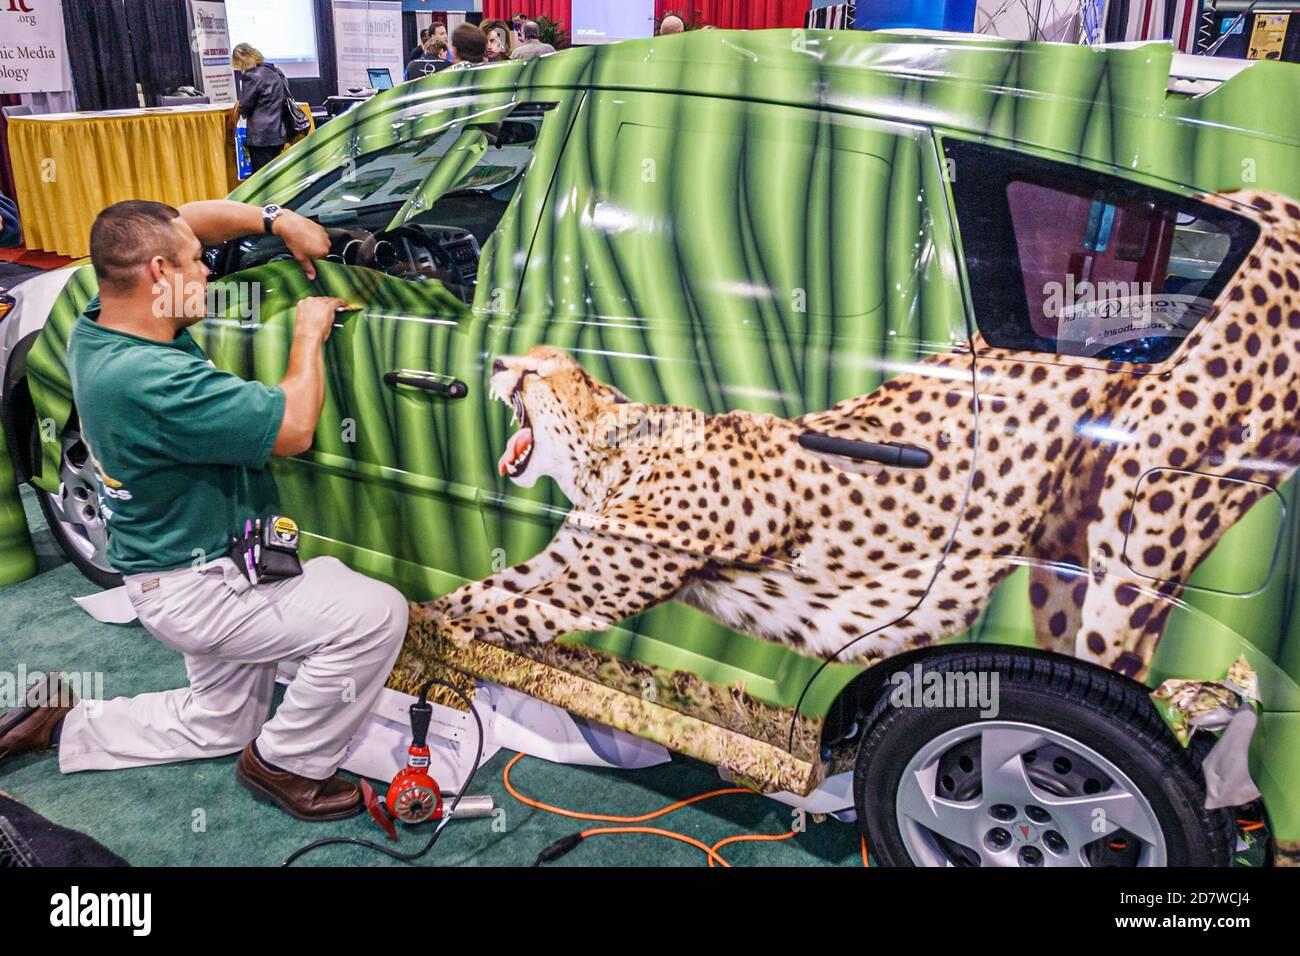 Florida Miami Beach Convention Center Graphics of the Americas Global Graphic Communications exposition revendeurs de nouveaux produits expose salon, Banque D'Images